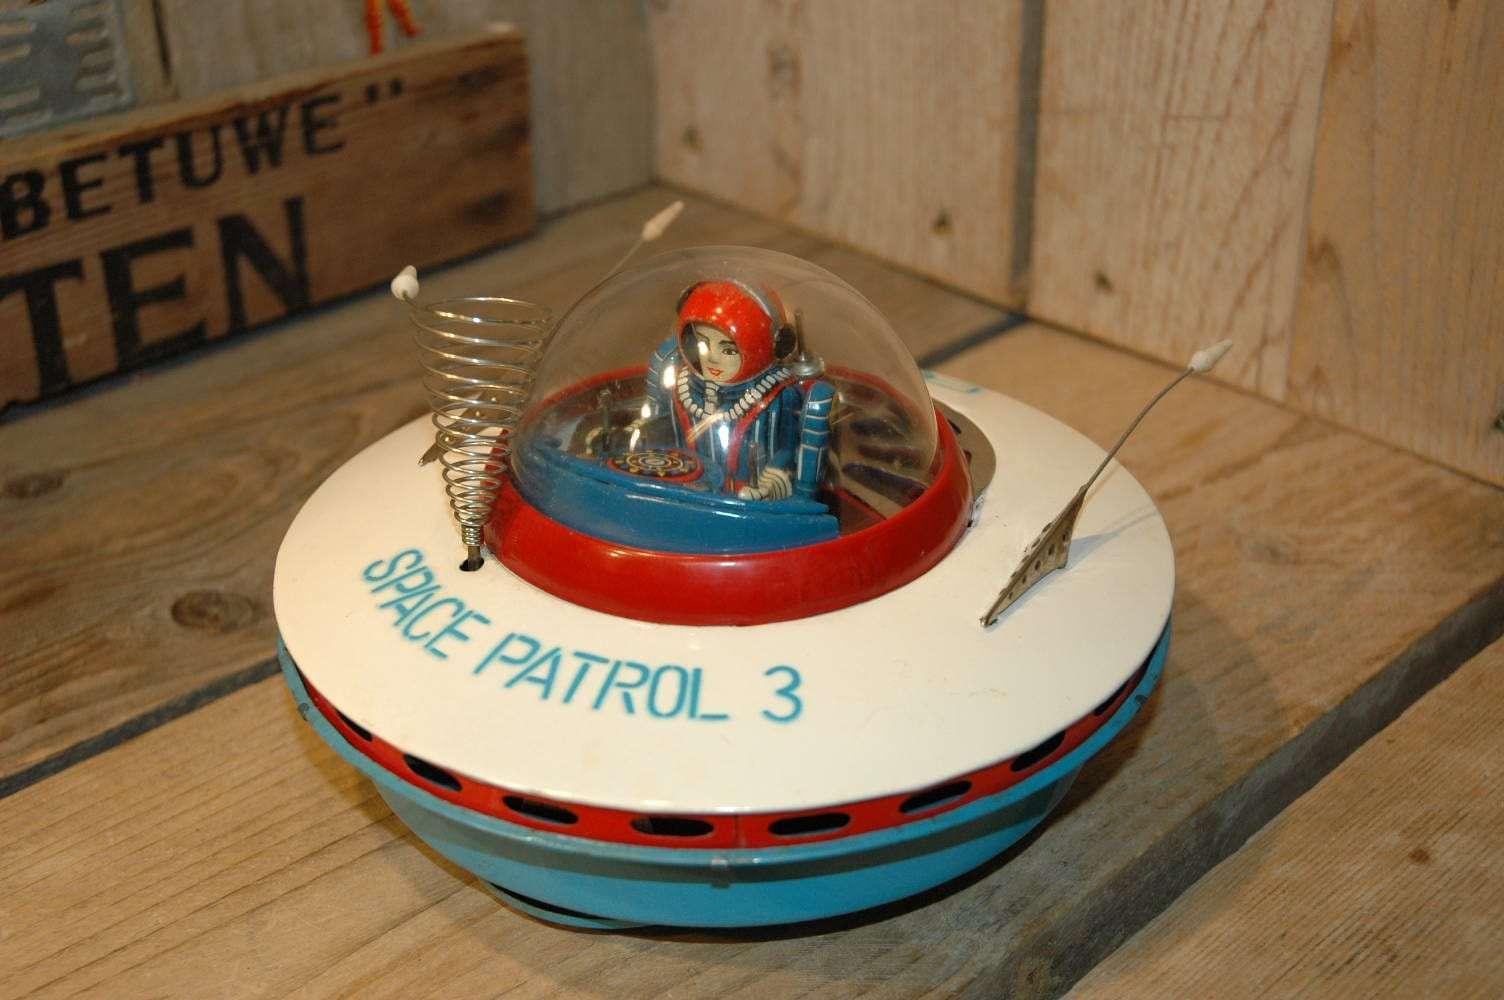 Yoshiya KO - Flying Saucer Space Patrol 3